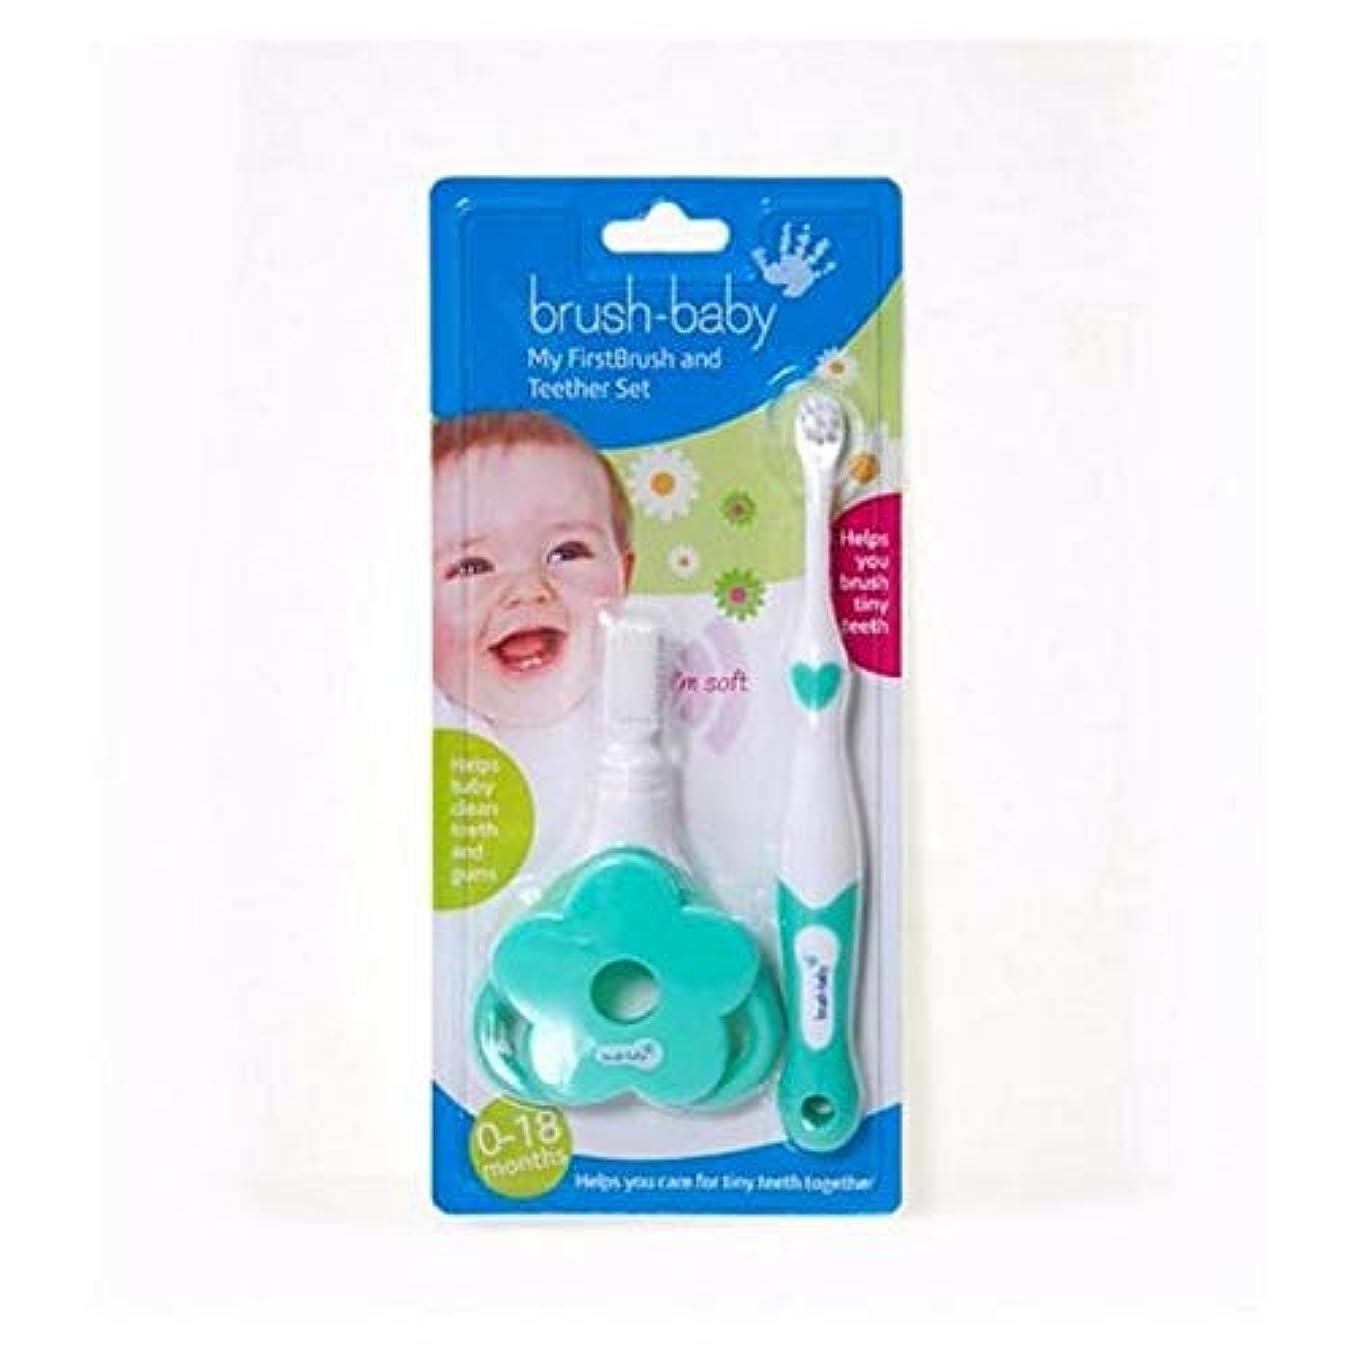 朝の体操をするつかいますルー[Brush-Baby ] ブラシ赤ちゃんが私のFirstbrush&おしゃぶりはパックごとに2を設定します - Brush-Baby My FirstBrush & Teether Set 2 per pack [並行輸入品]